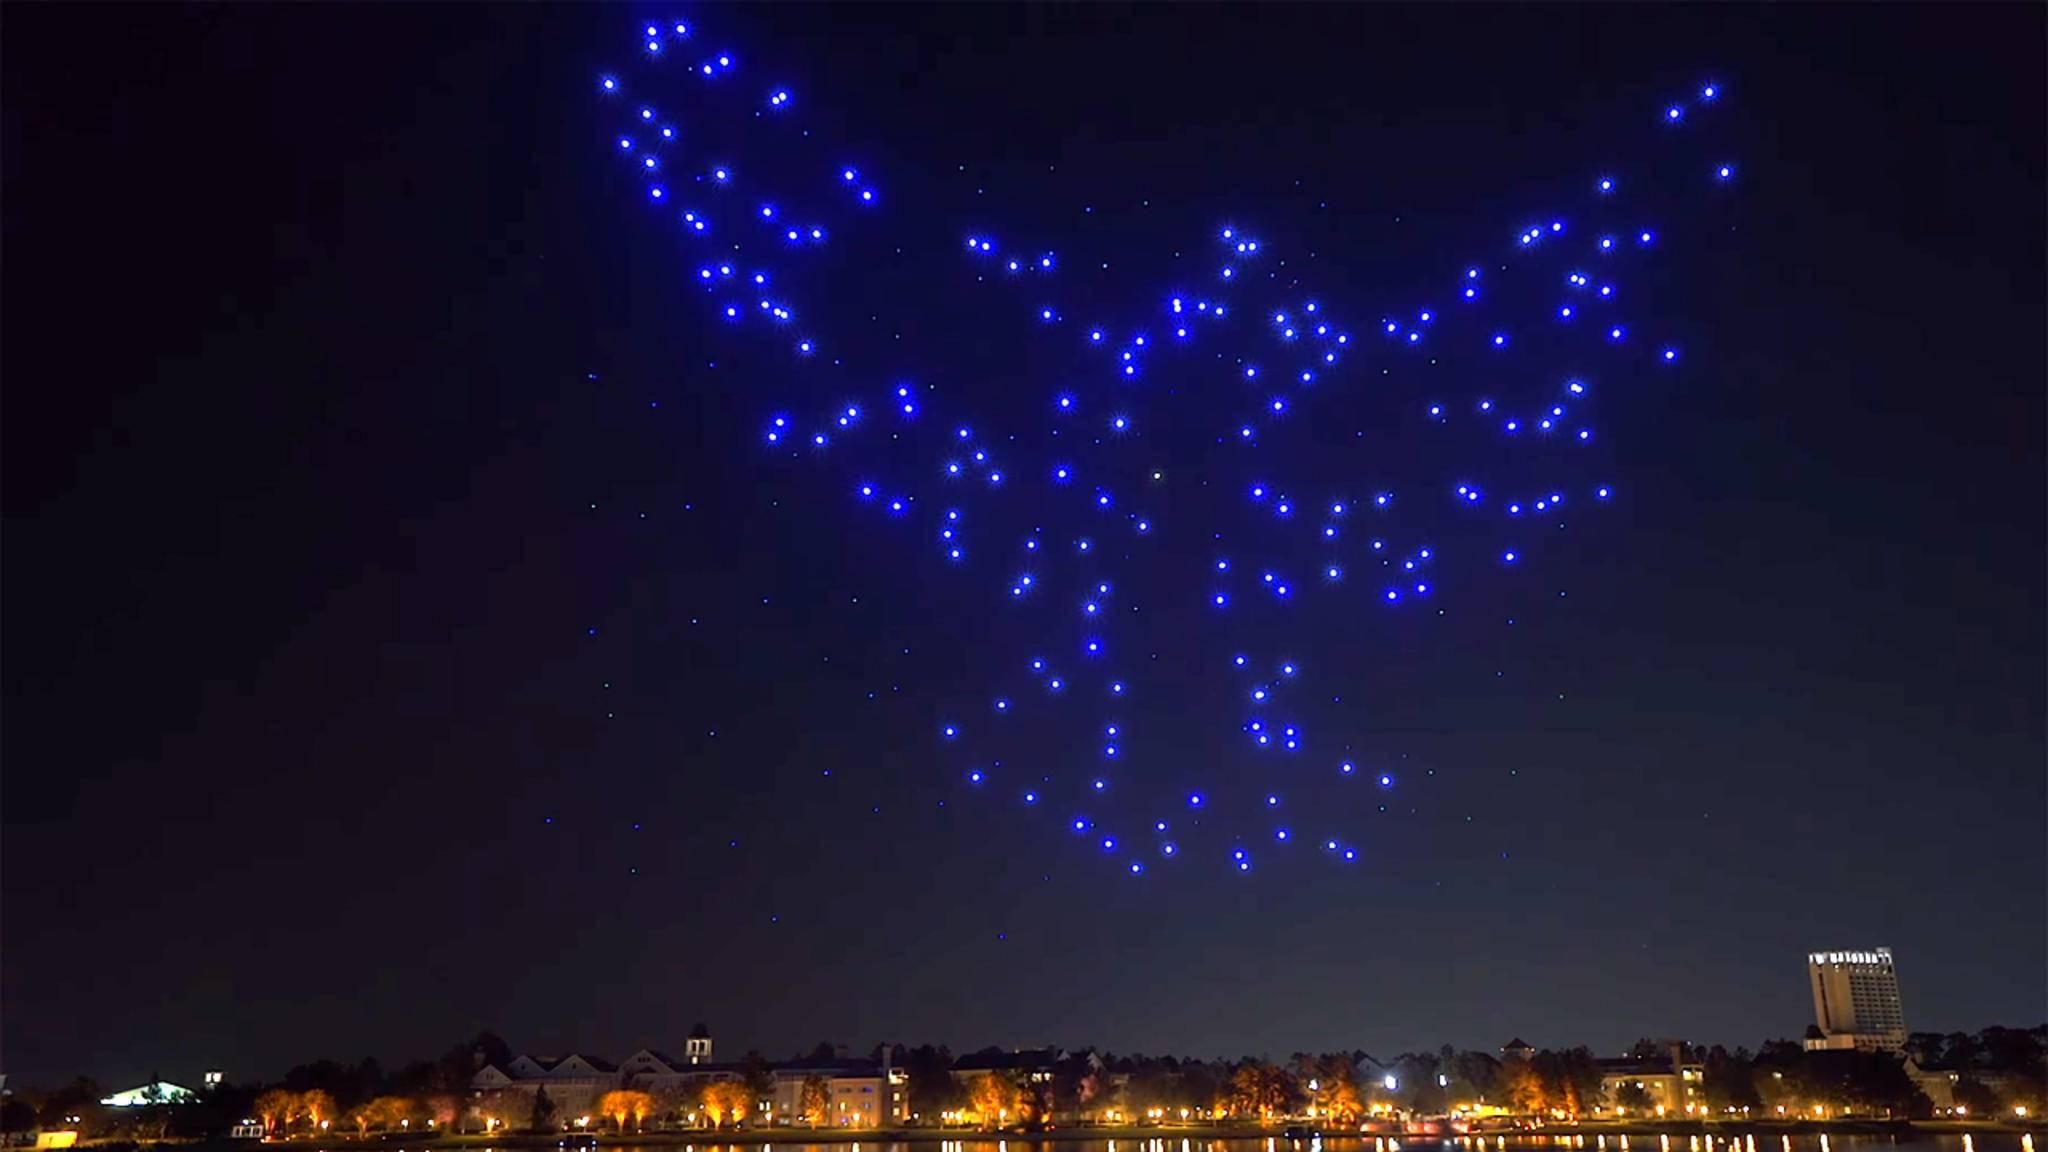 Eine Taube aus Sternen: Disney und Intel begeistern mit ihrer neuen Drohnen-Flugshow.